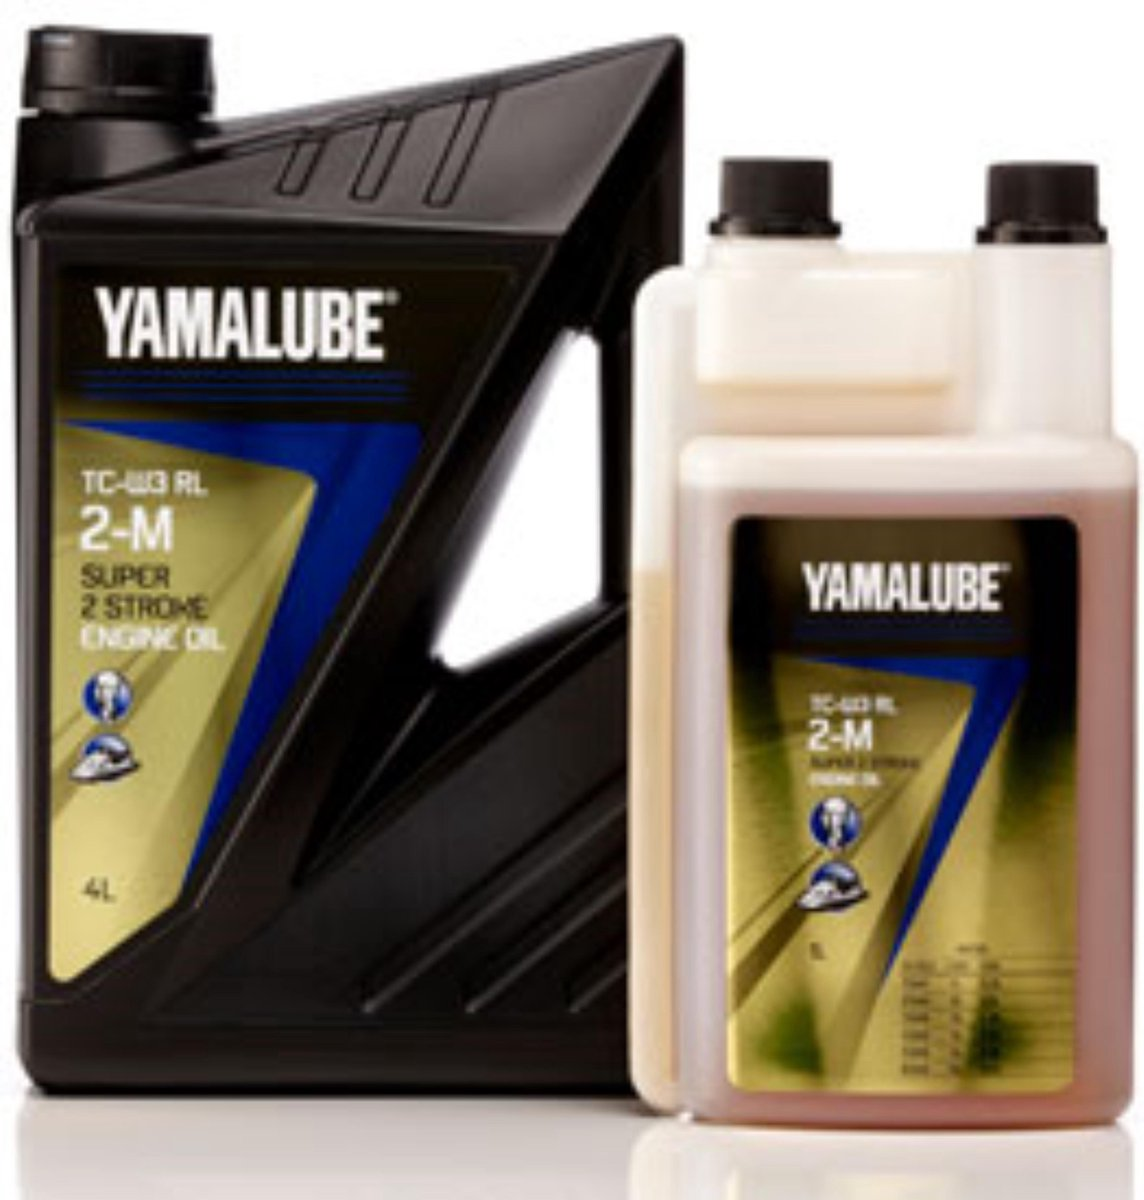 YAMALUBE 2-TAKT TCW3-RL O/M